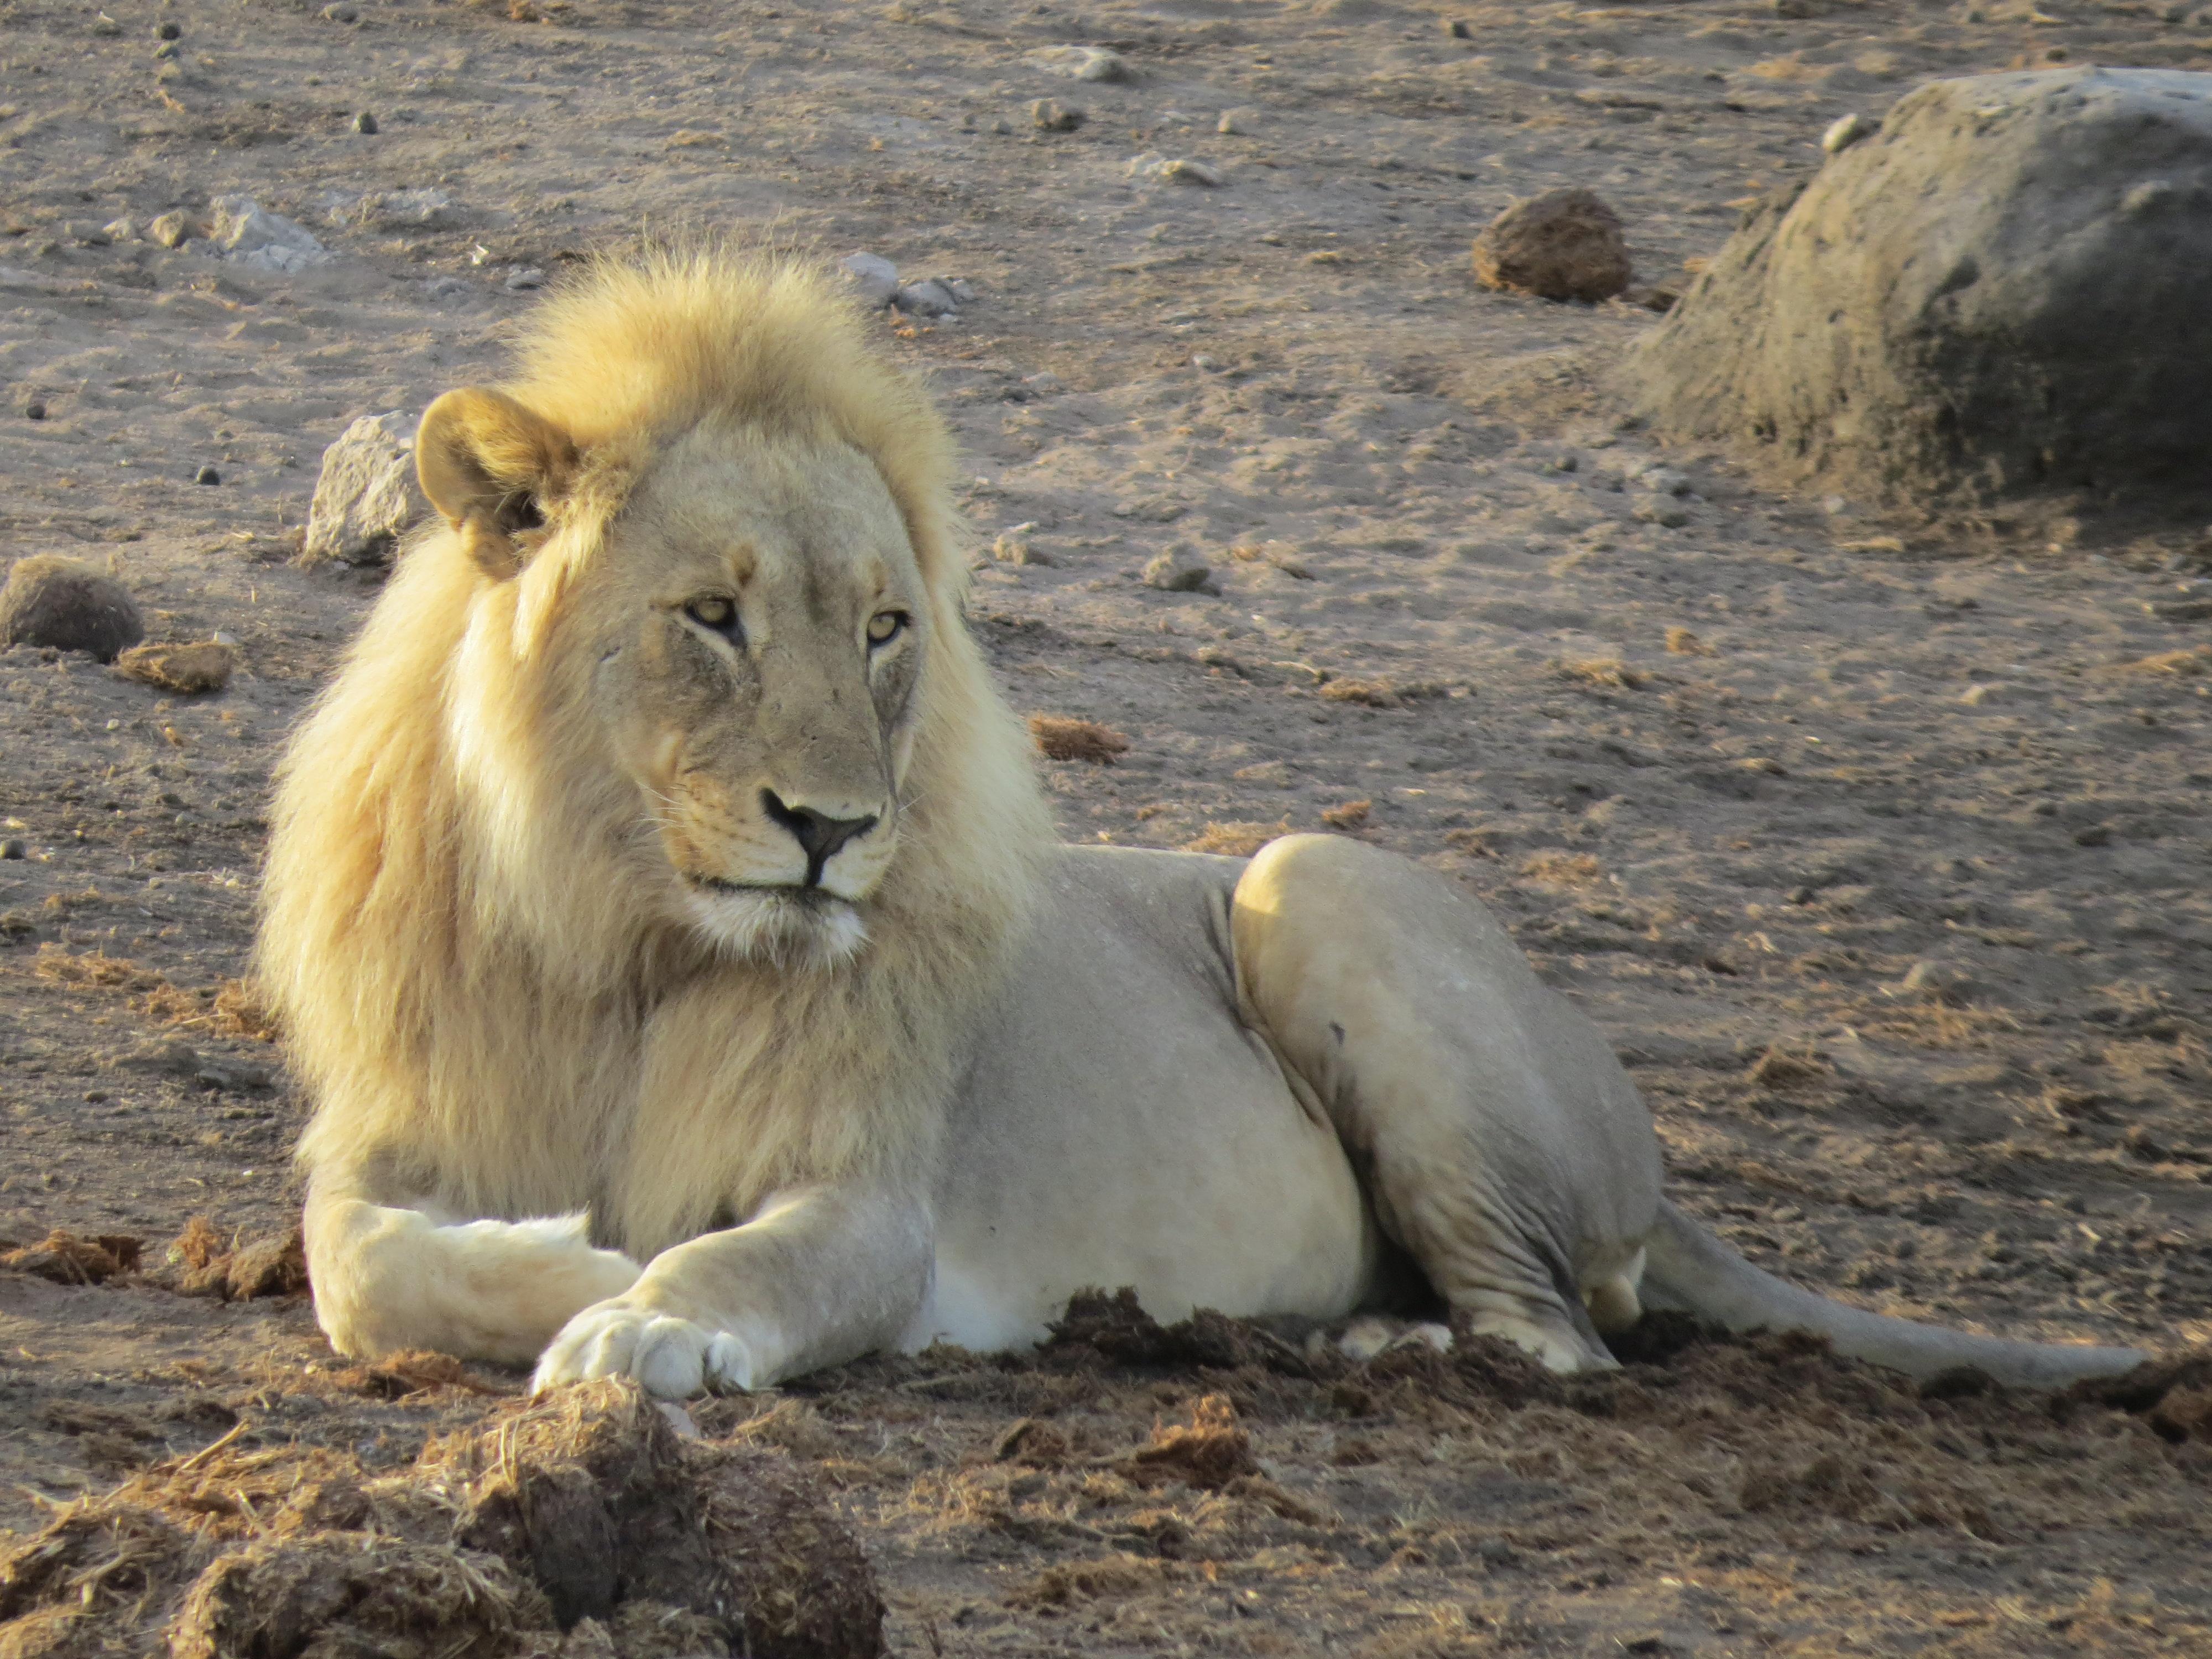 Leeuw wildlife in Zuid-Afrika